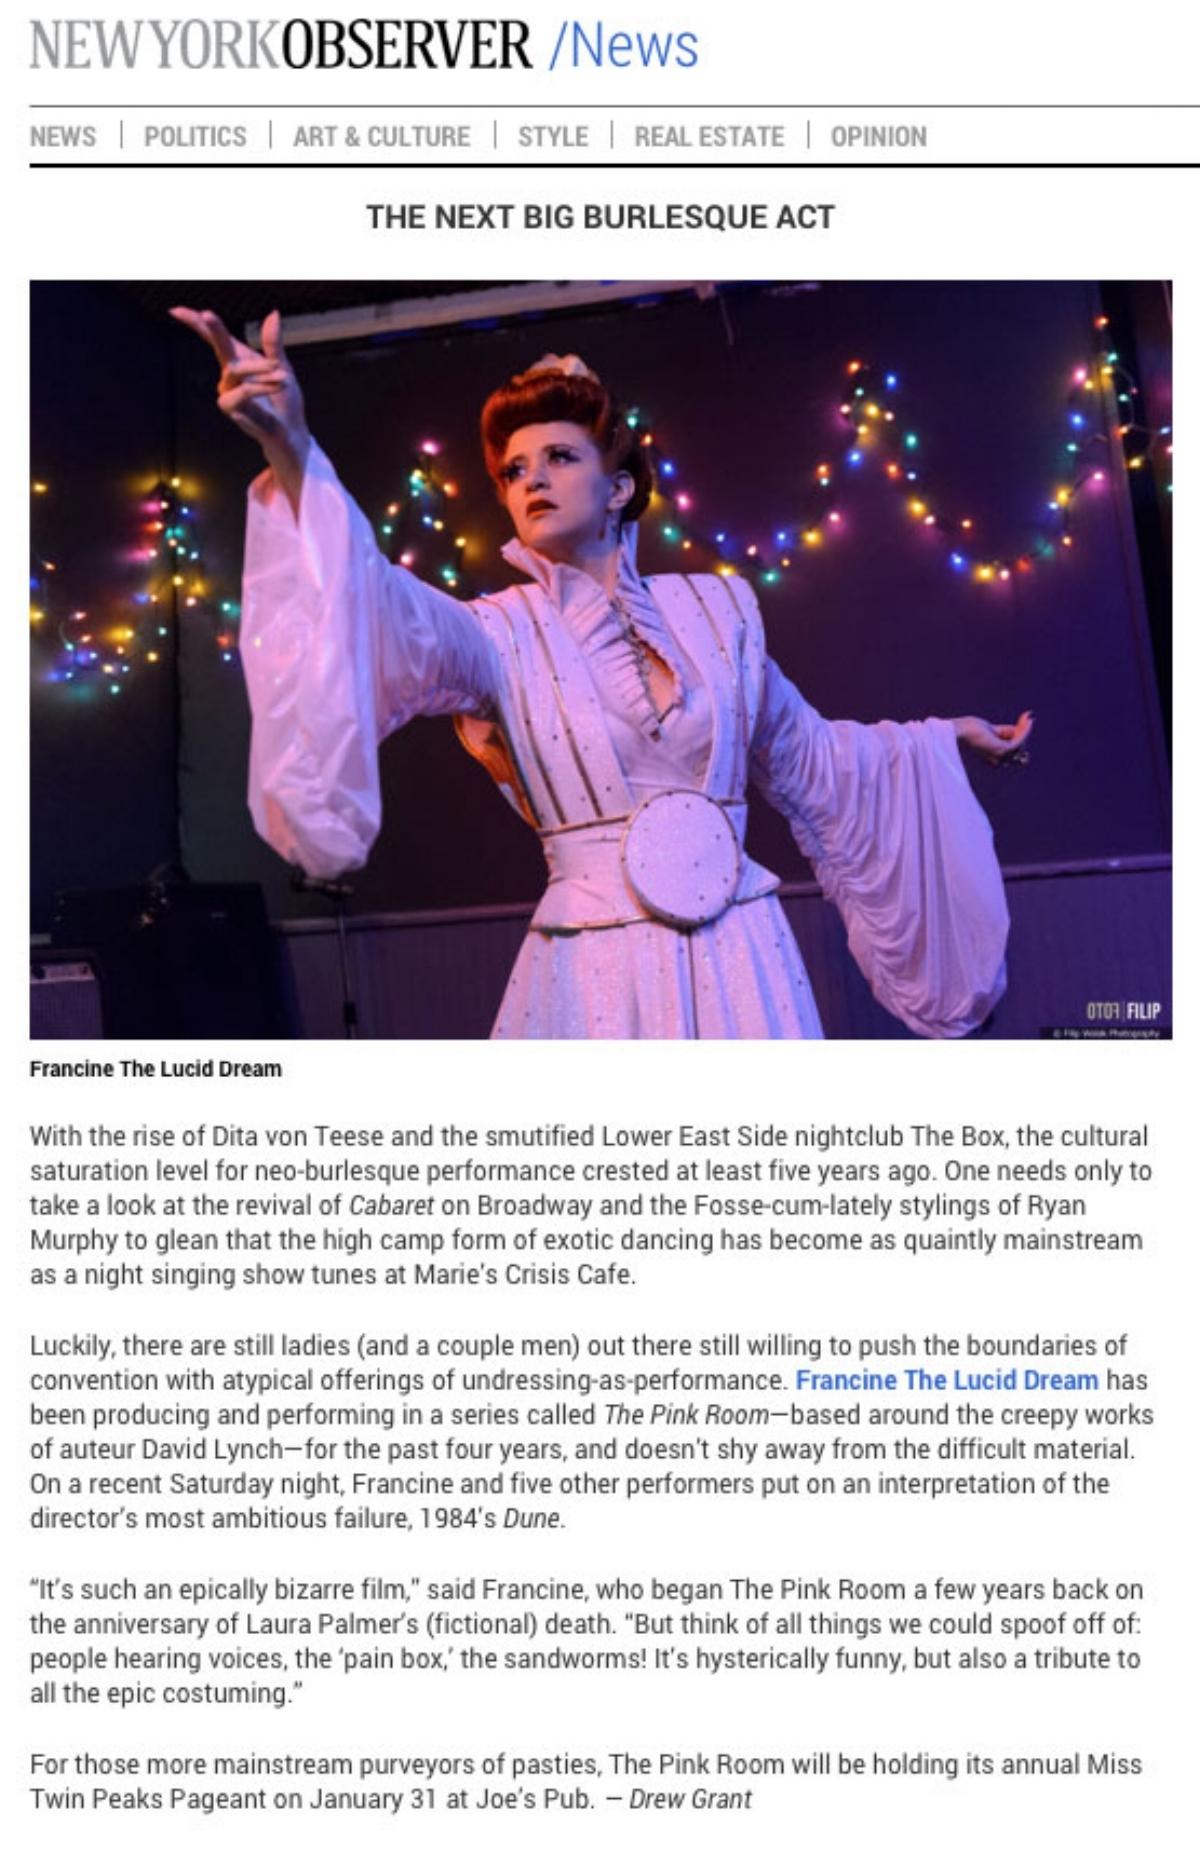 Francine & The Pink Room Burlesque on  Observer.com